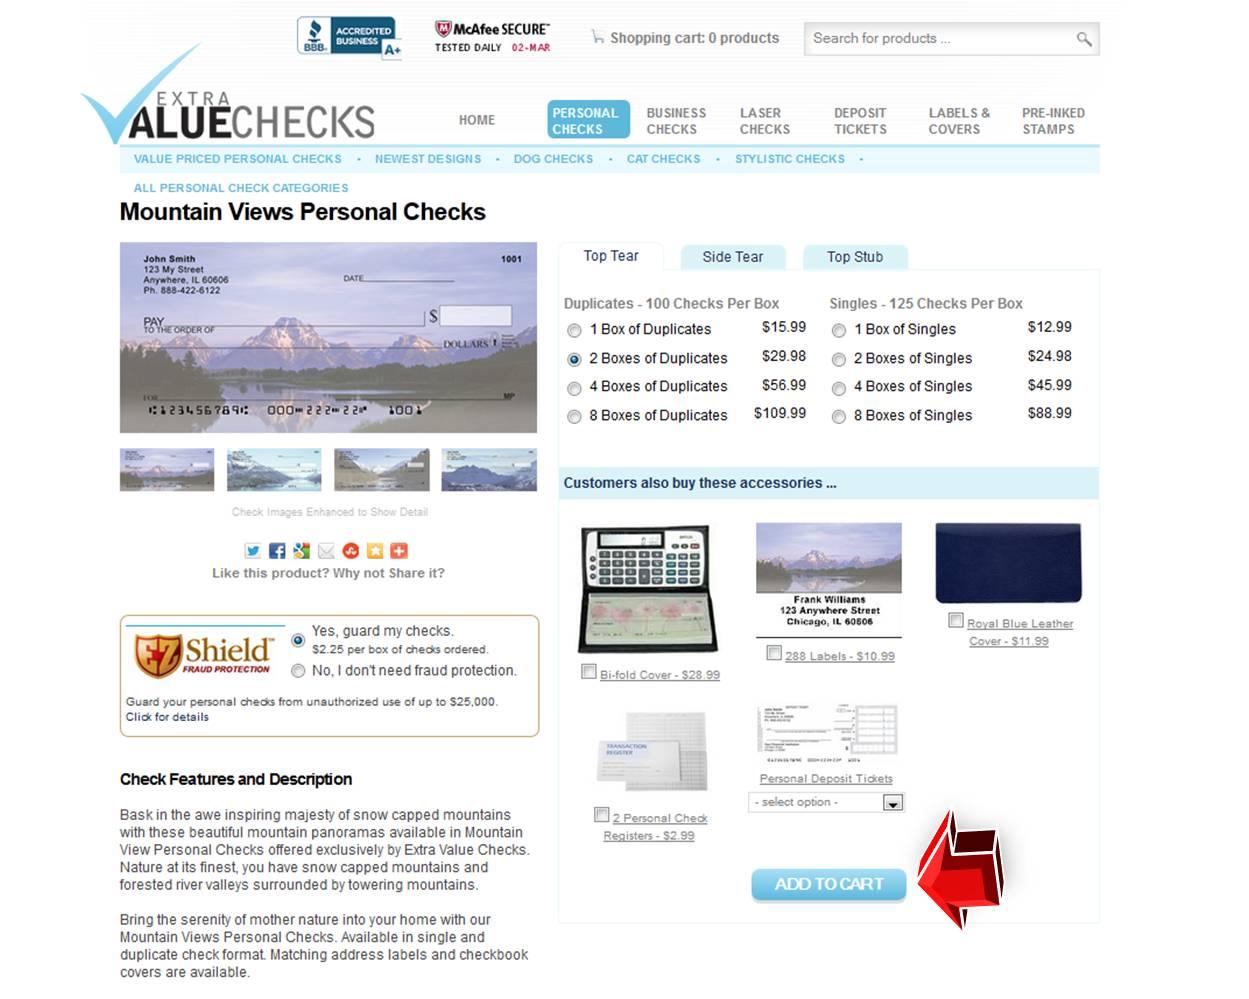 Extra value checks coupon code